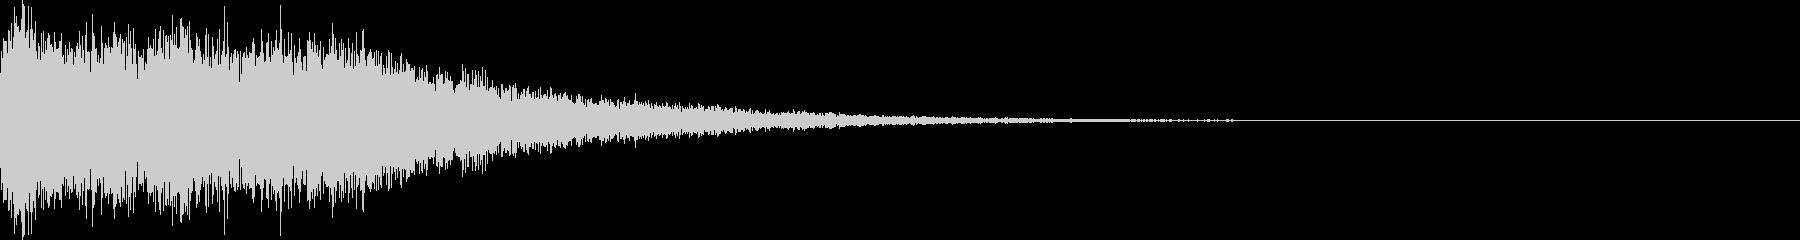 魔法音05_Aの未再生の波形